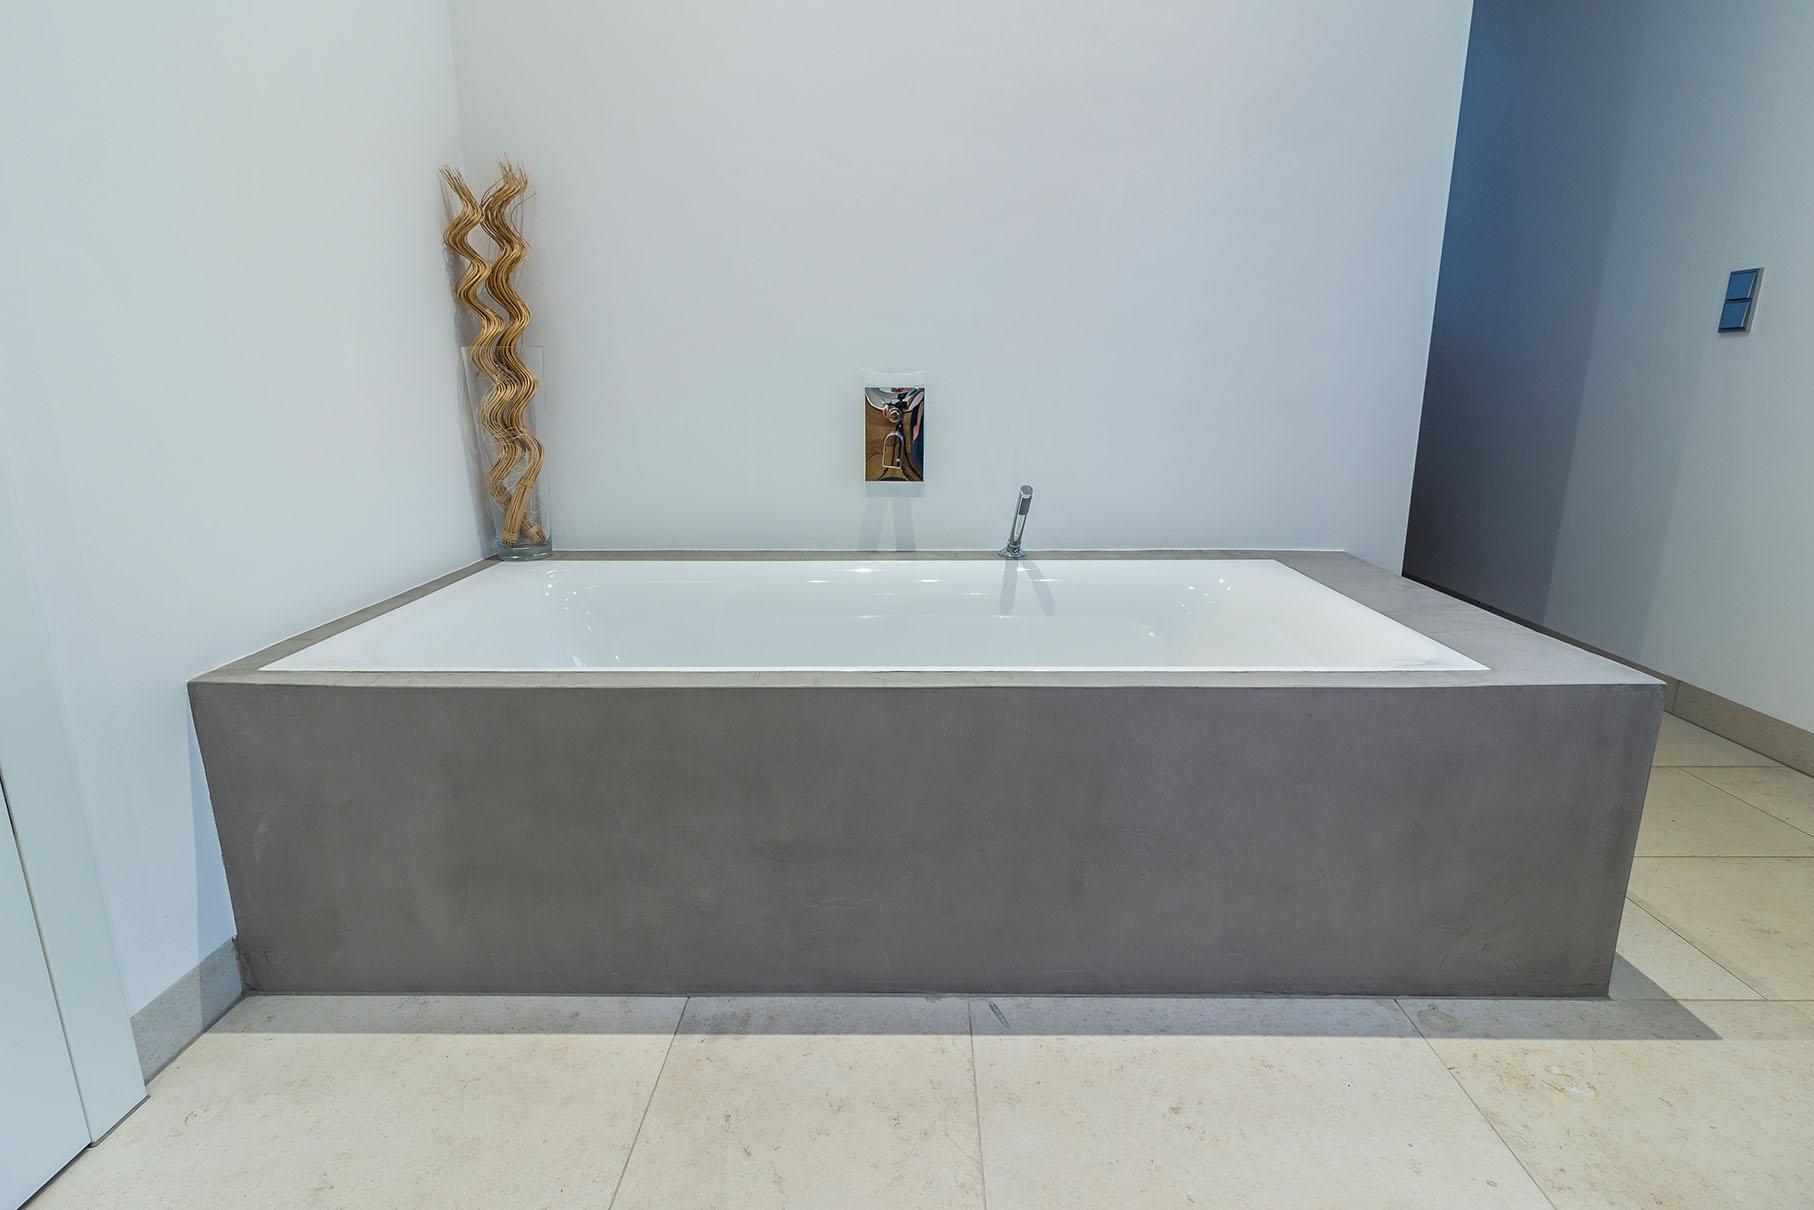 mainTisch Badewanne Beton Sanne living